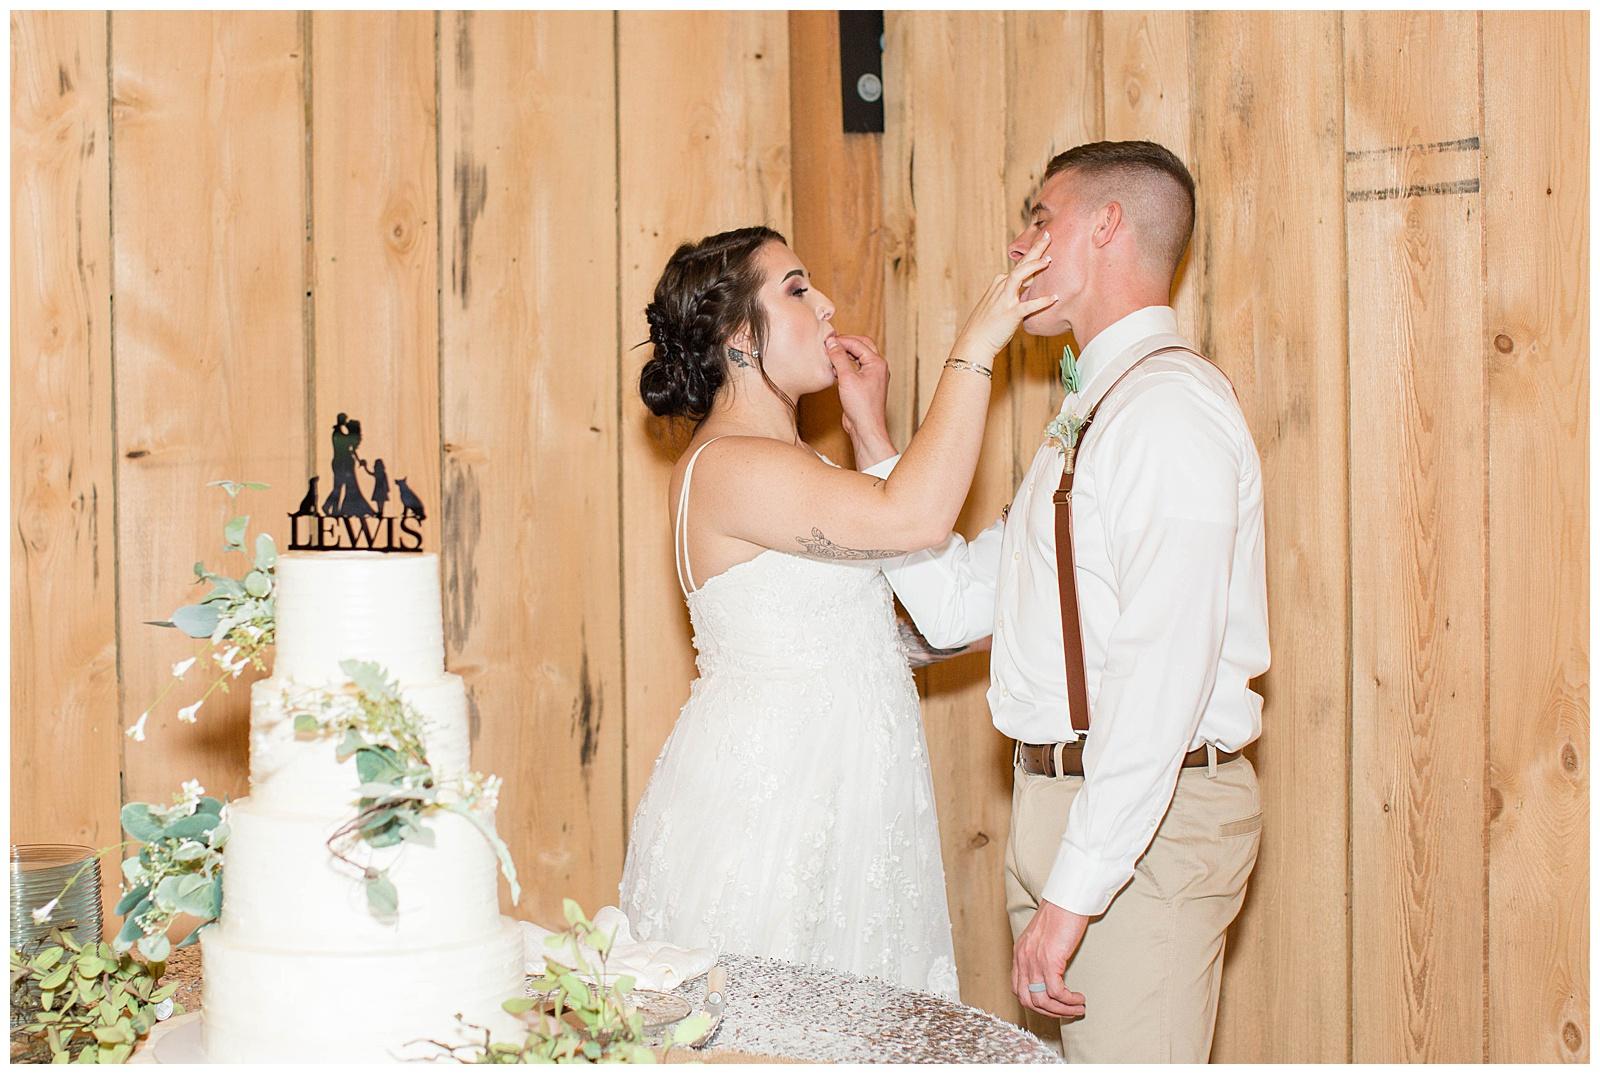 Lewis-Kara-Blakeman-Photography-Huntington-West-Virginia-Wedding-Barn-Olde-Homestead-60